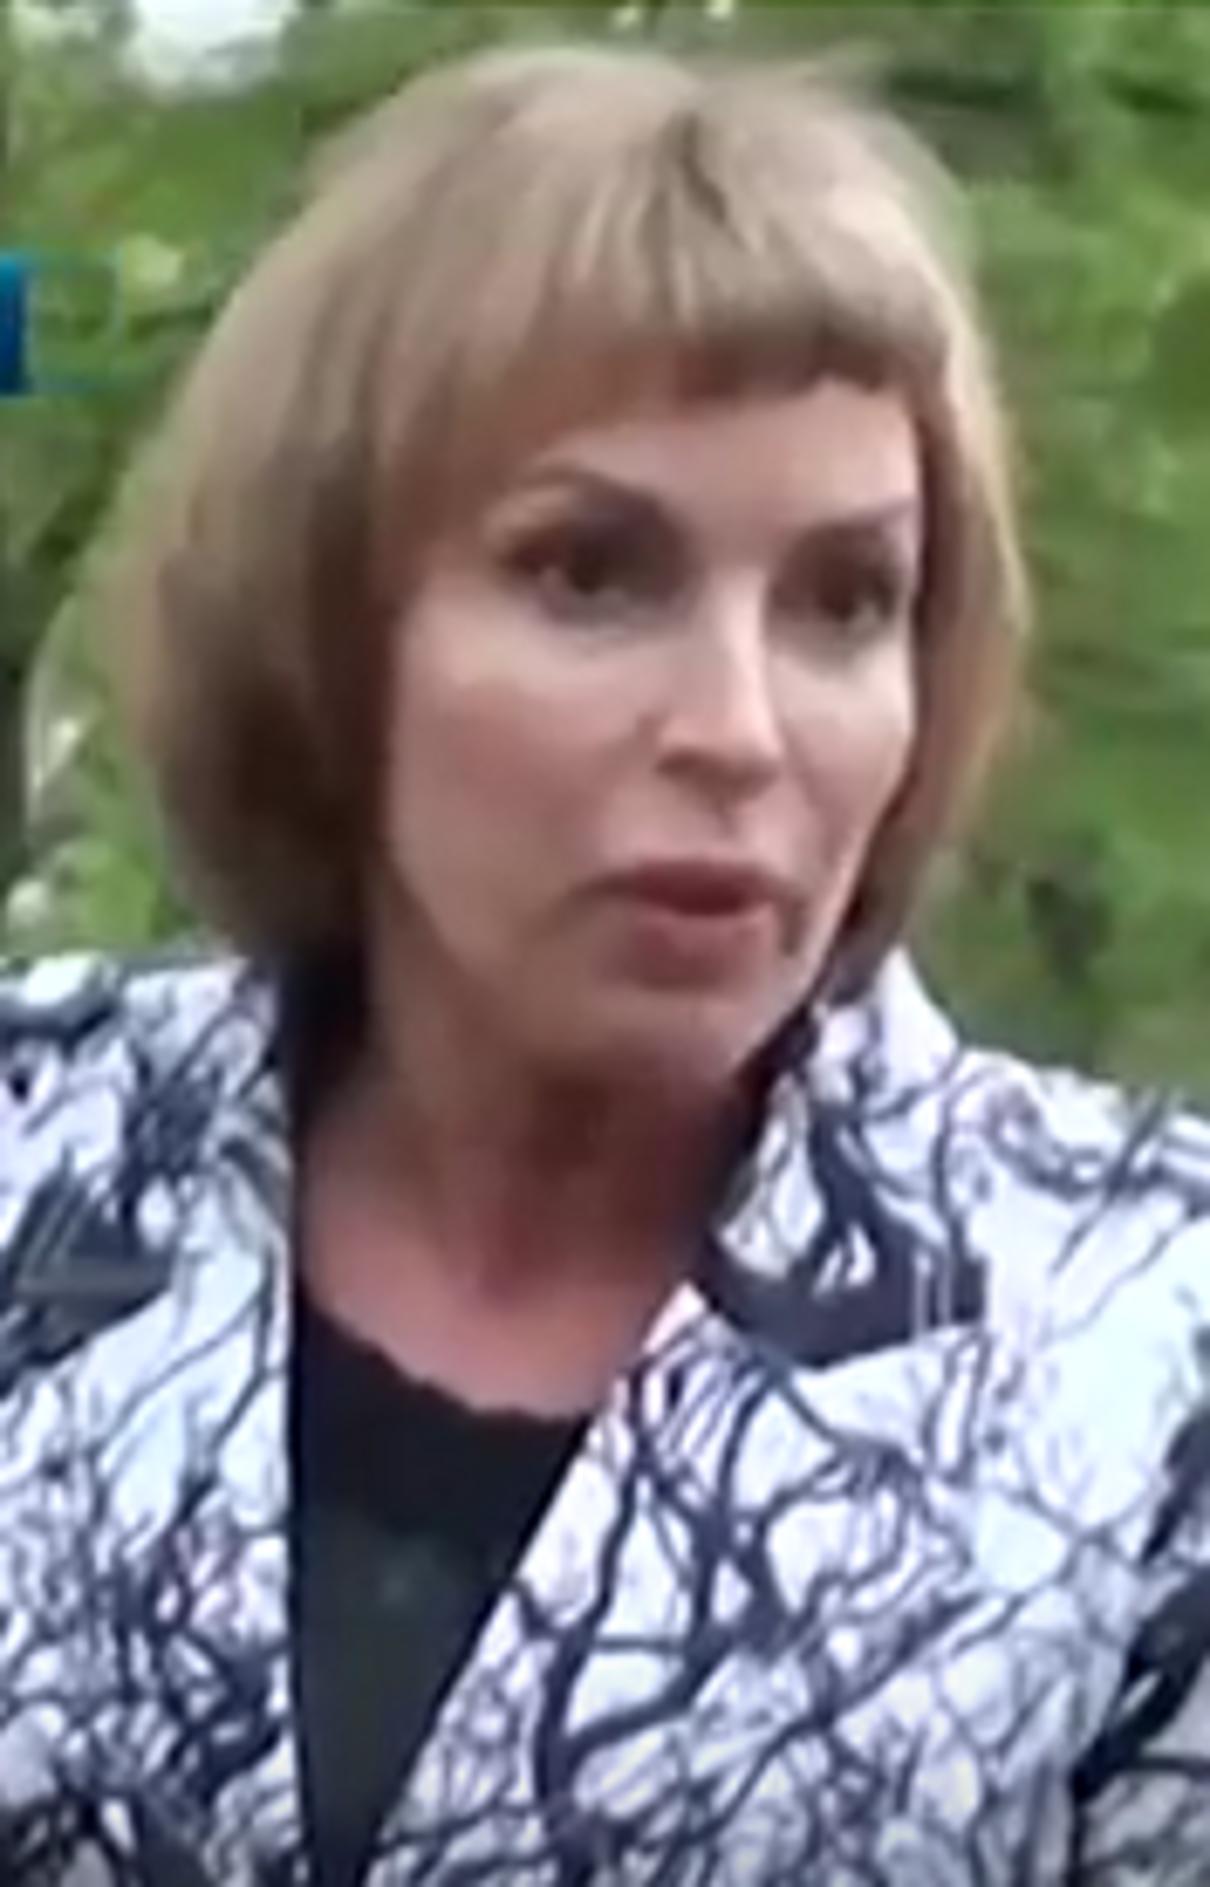 Жалоба-отзыв: Машкарина Мария (Болышева) - Задержаны в г.Спб Административное нарушение.  Фото №2